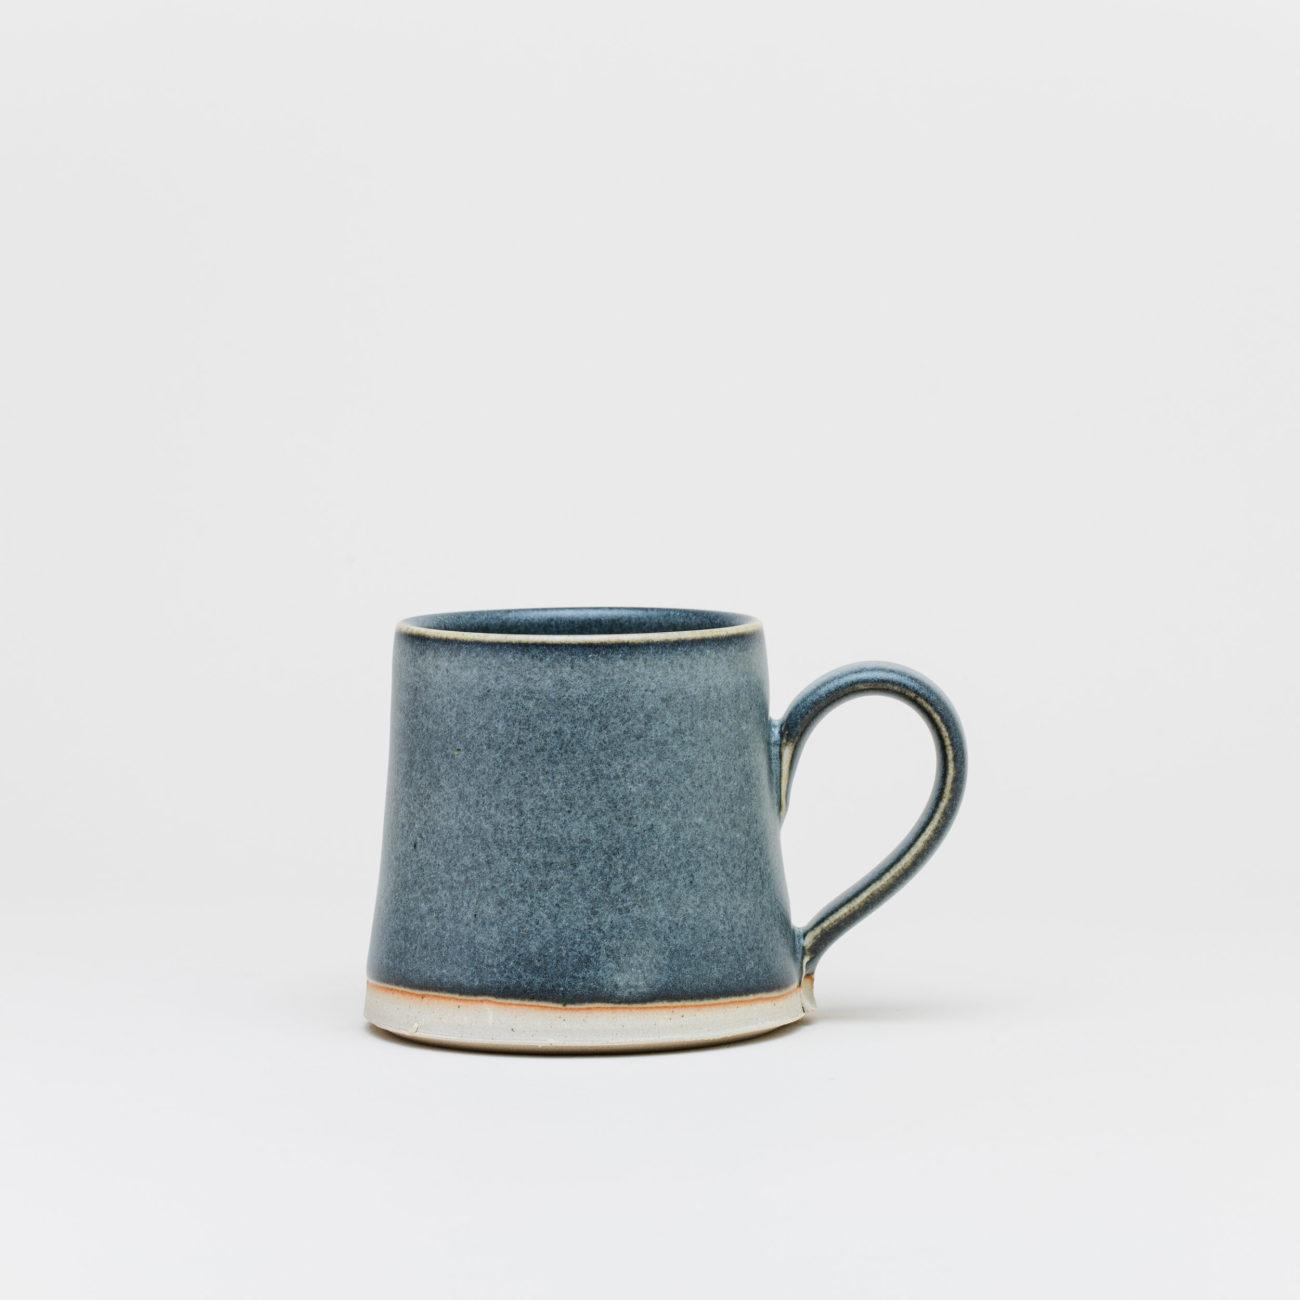 Medium Ceramic Thrown Mug, Ash Matte